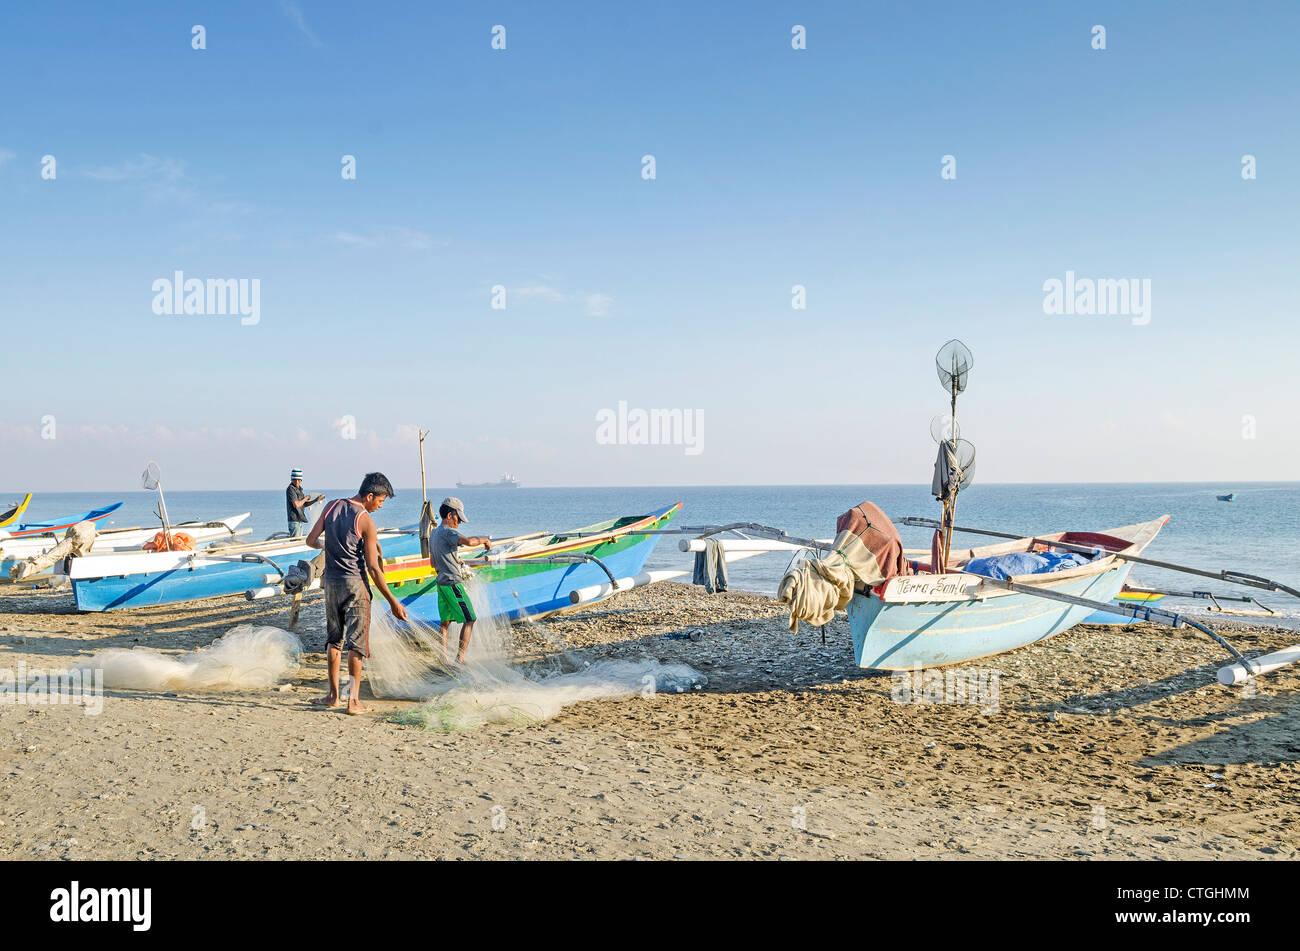 Pêcheurs travaillant sur la plage à Dili au Timor oriental Banque D'Images